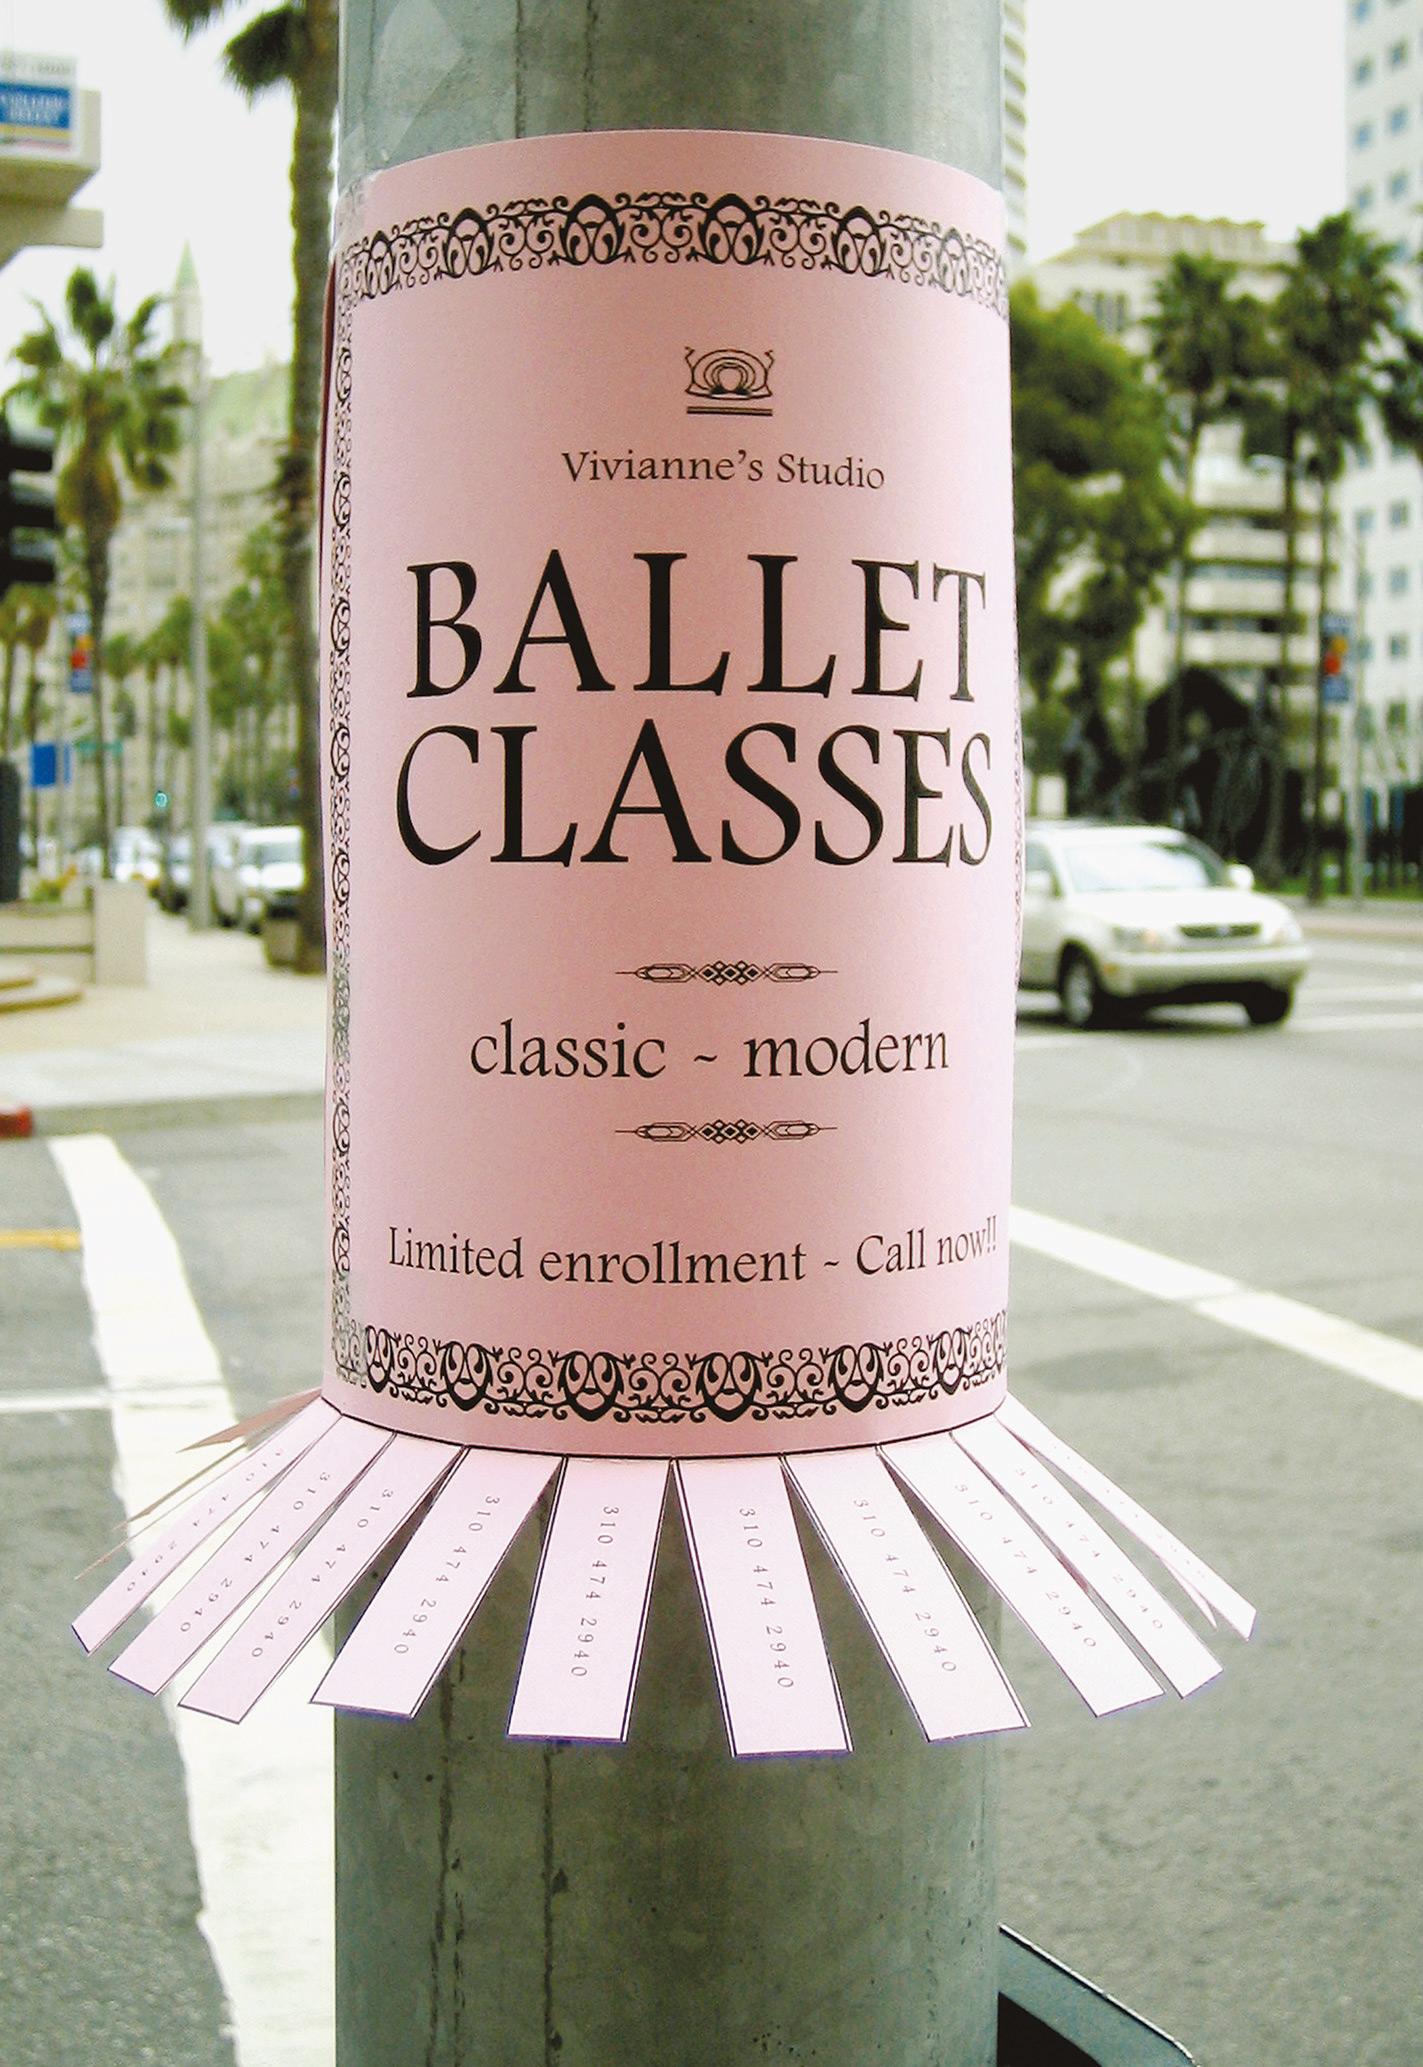 KR_160817_WitzDesign_01_050-Ballet-Classes